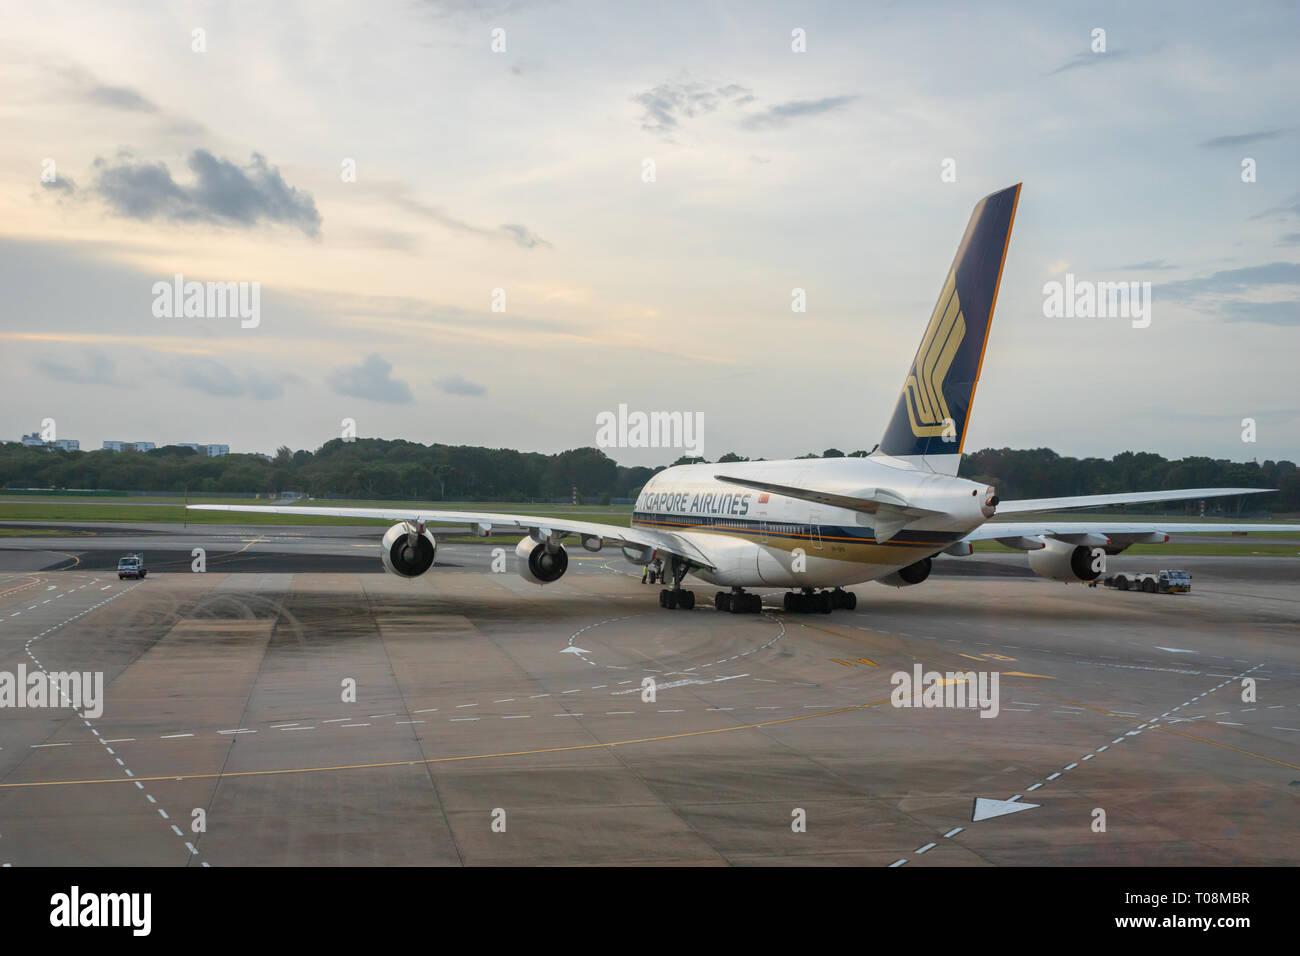 Singapour - Janvier 2018: Singapore Airlines avion sur la piste de l'aéroport Singapour Changi. Singapore Airlines est la compagnie aérienne porte-drapeau Banque D'Images